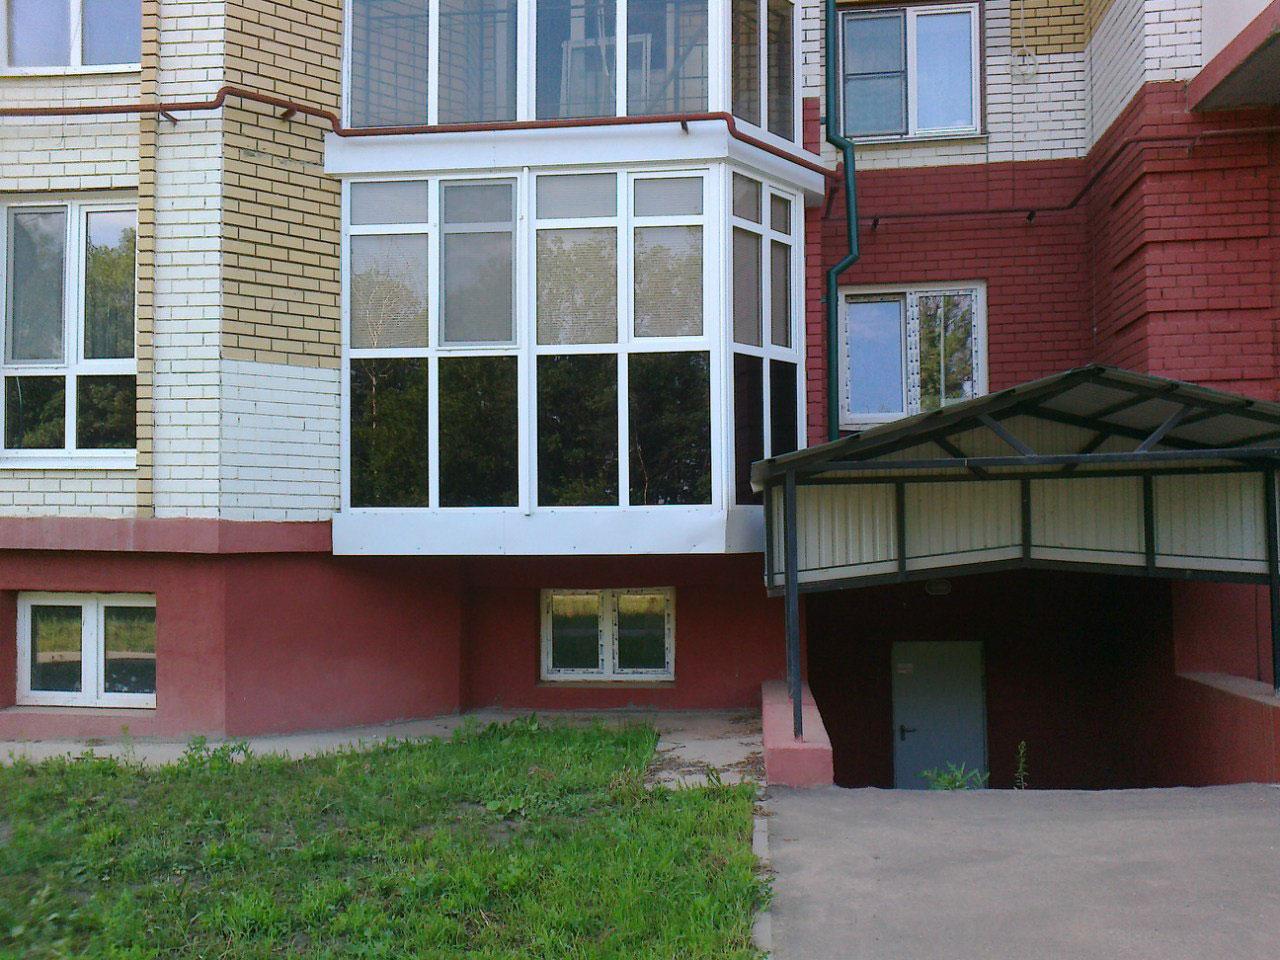 Зеркальная тонировка окон в квартире в Севастополе - Shadow